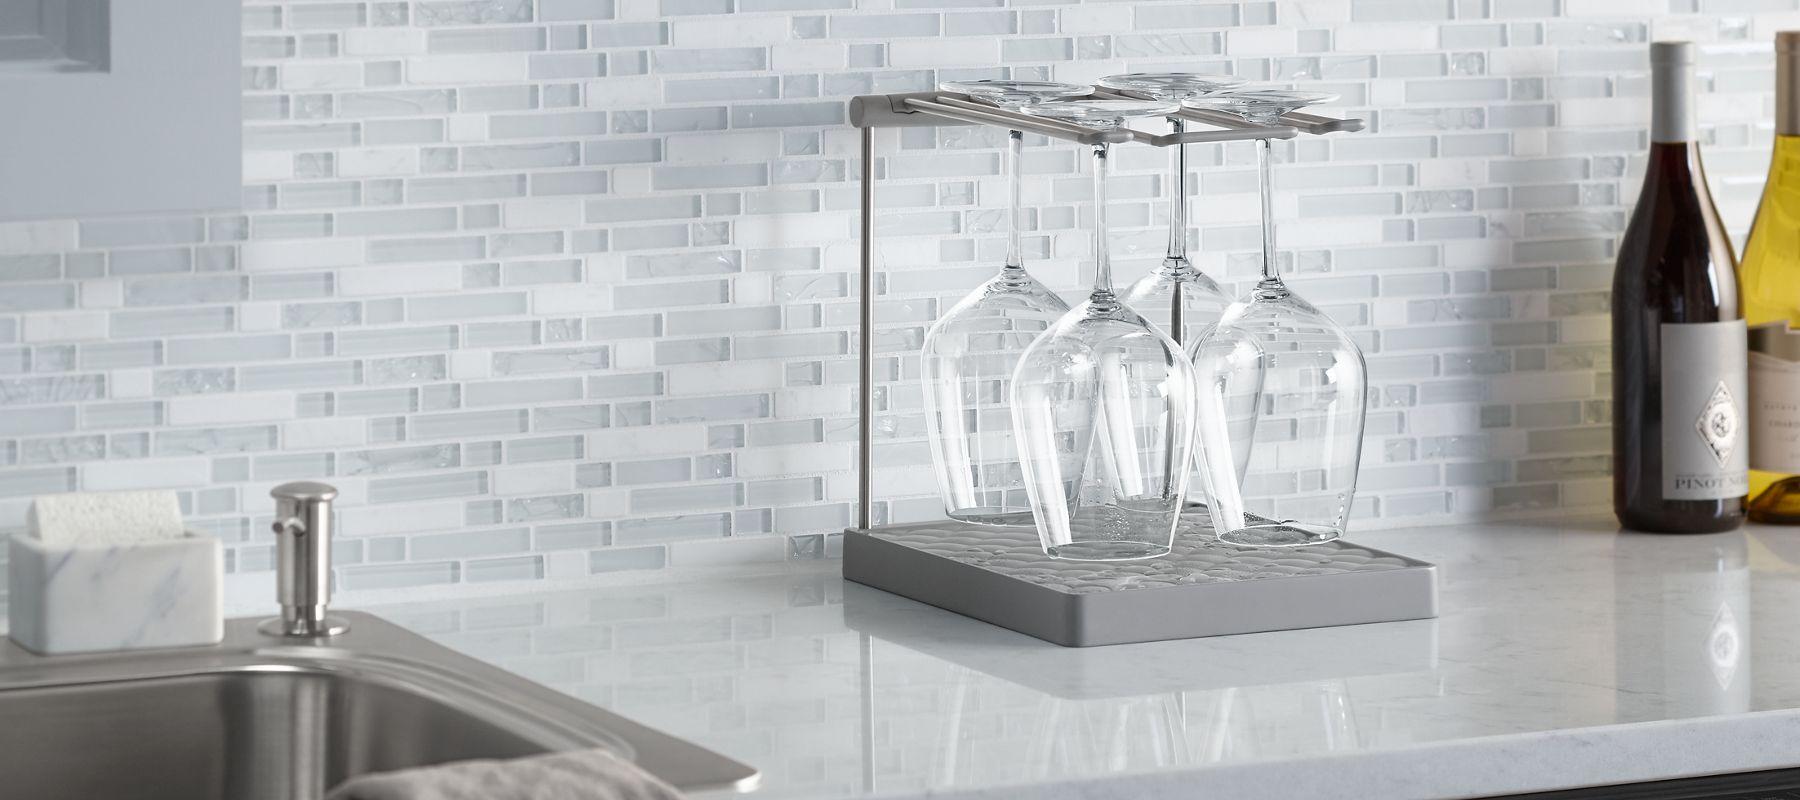 Shop all Kitchen Accessories | Kohler.com | KOHLER